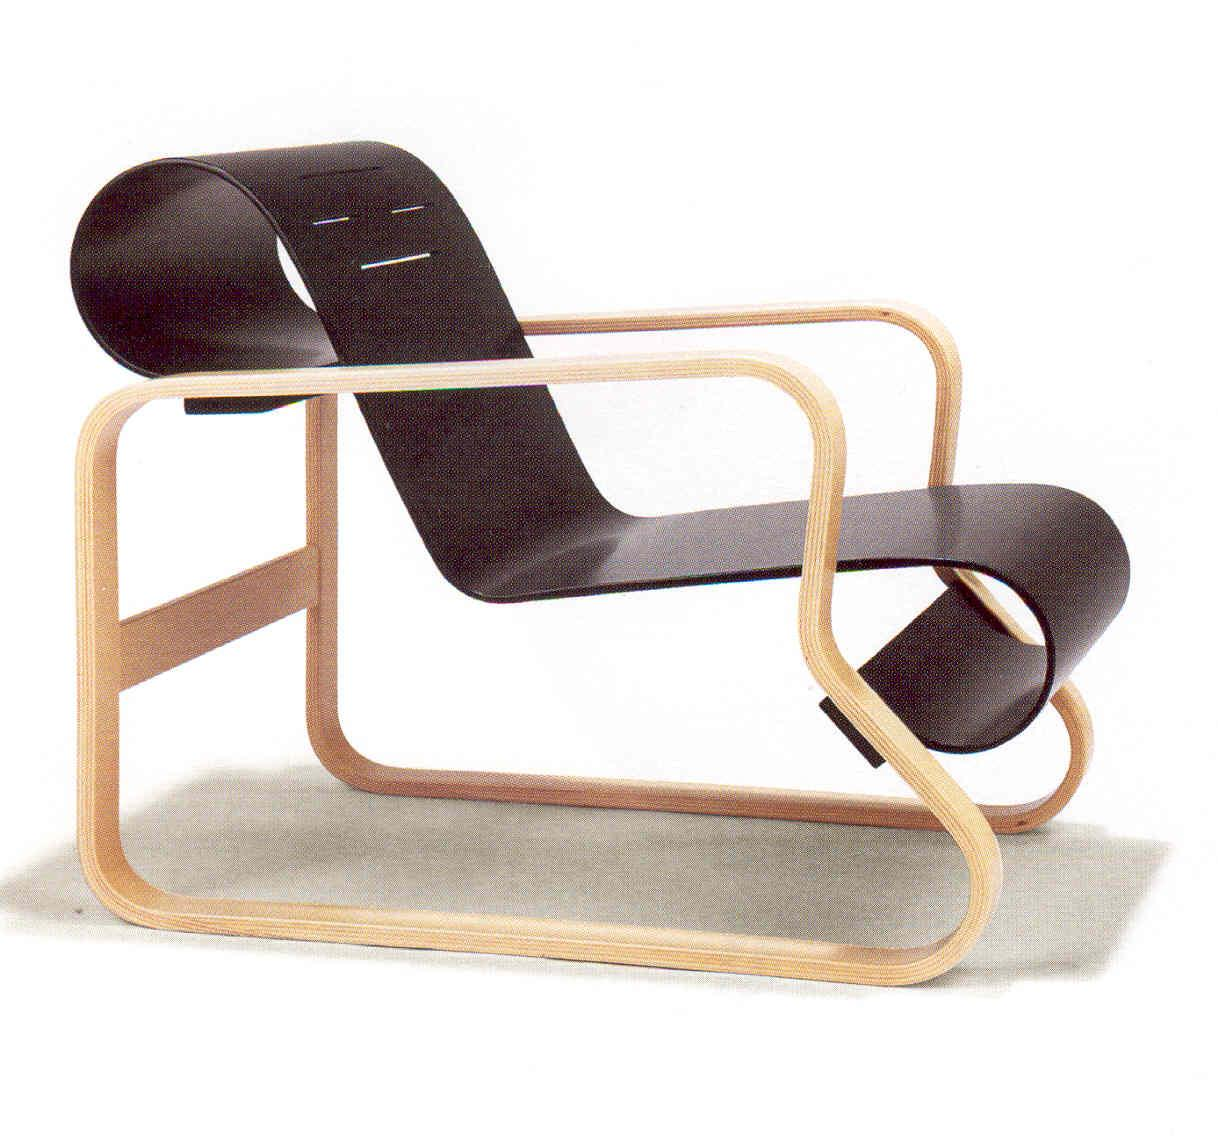 Historia del dise o industrial silla paimio for Sillas famosas diseno industrial